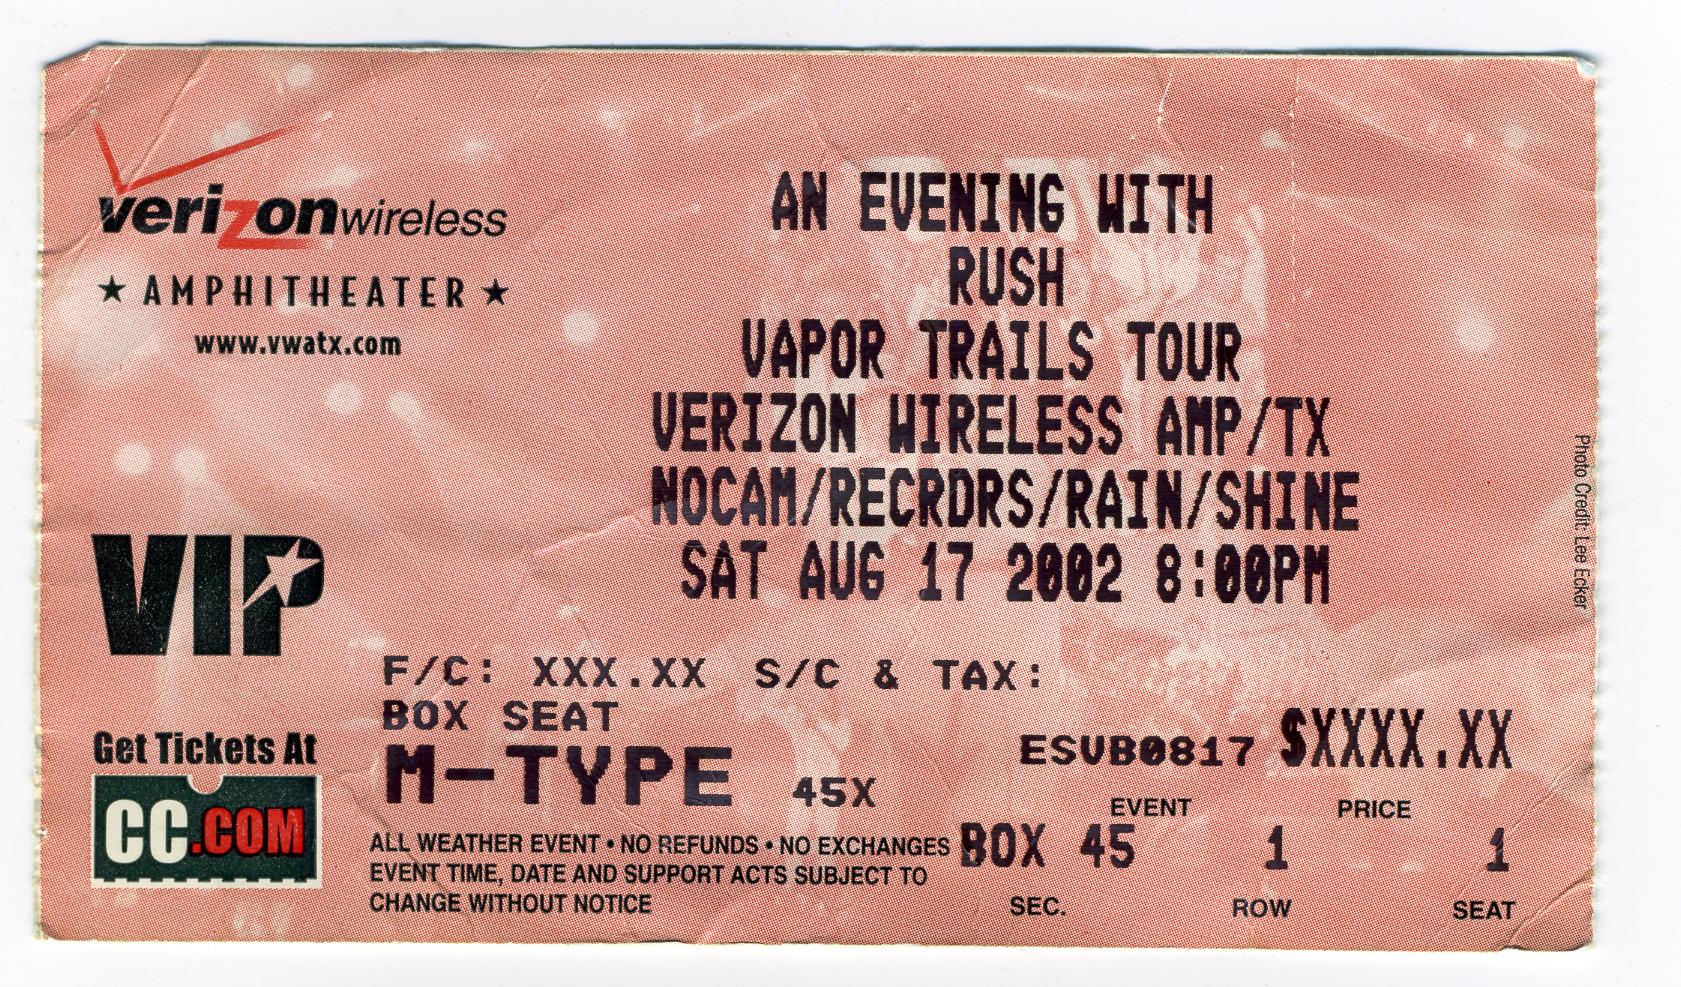 Rush Vapor Trails Tour